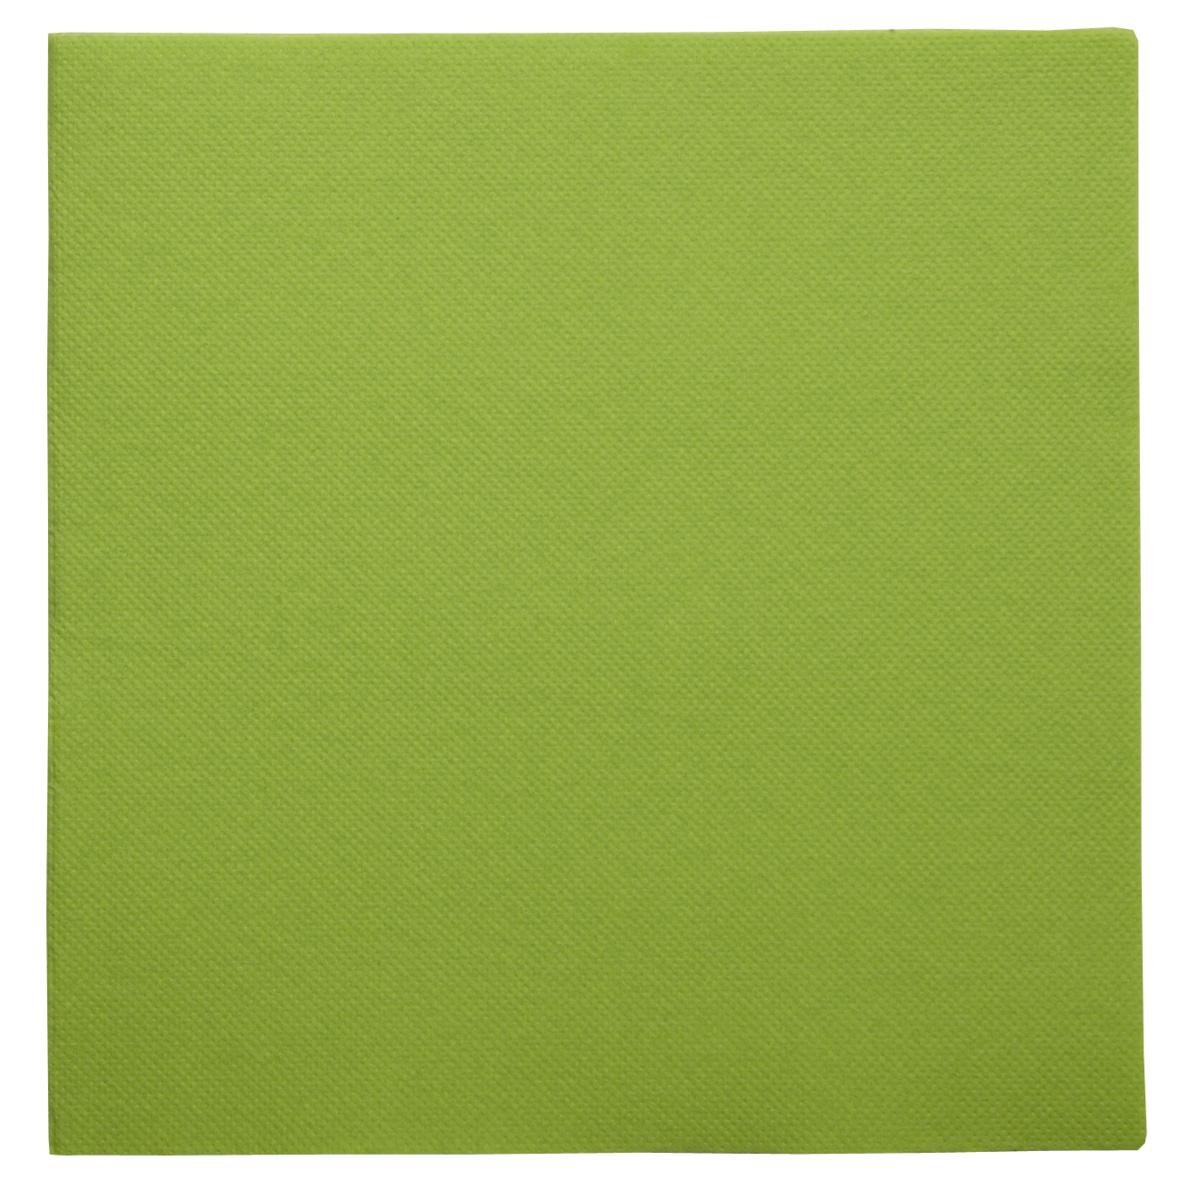 Serviette vert granny ouate de cellulose 38x38 cm Lisah Pro.mundi (50 pièces)